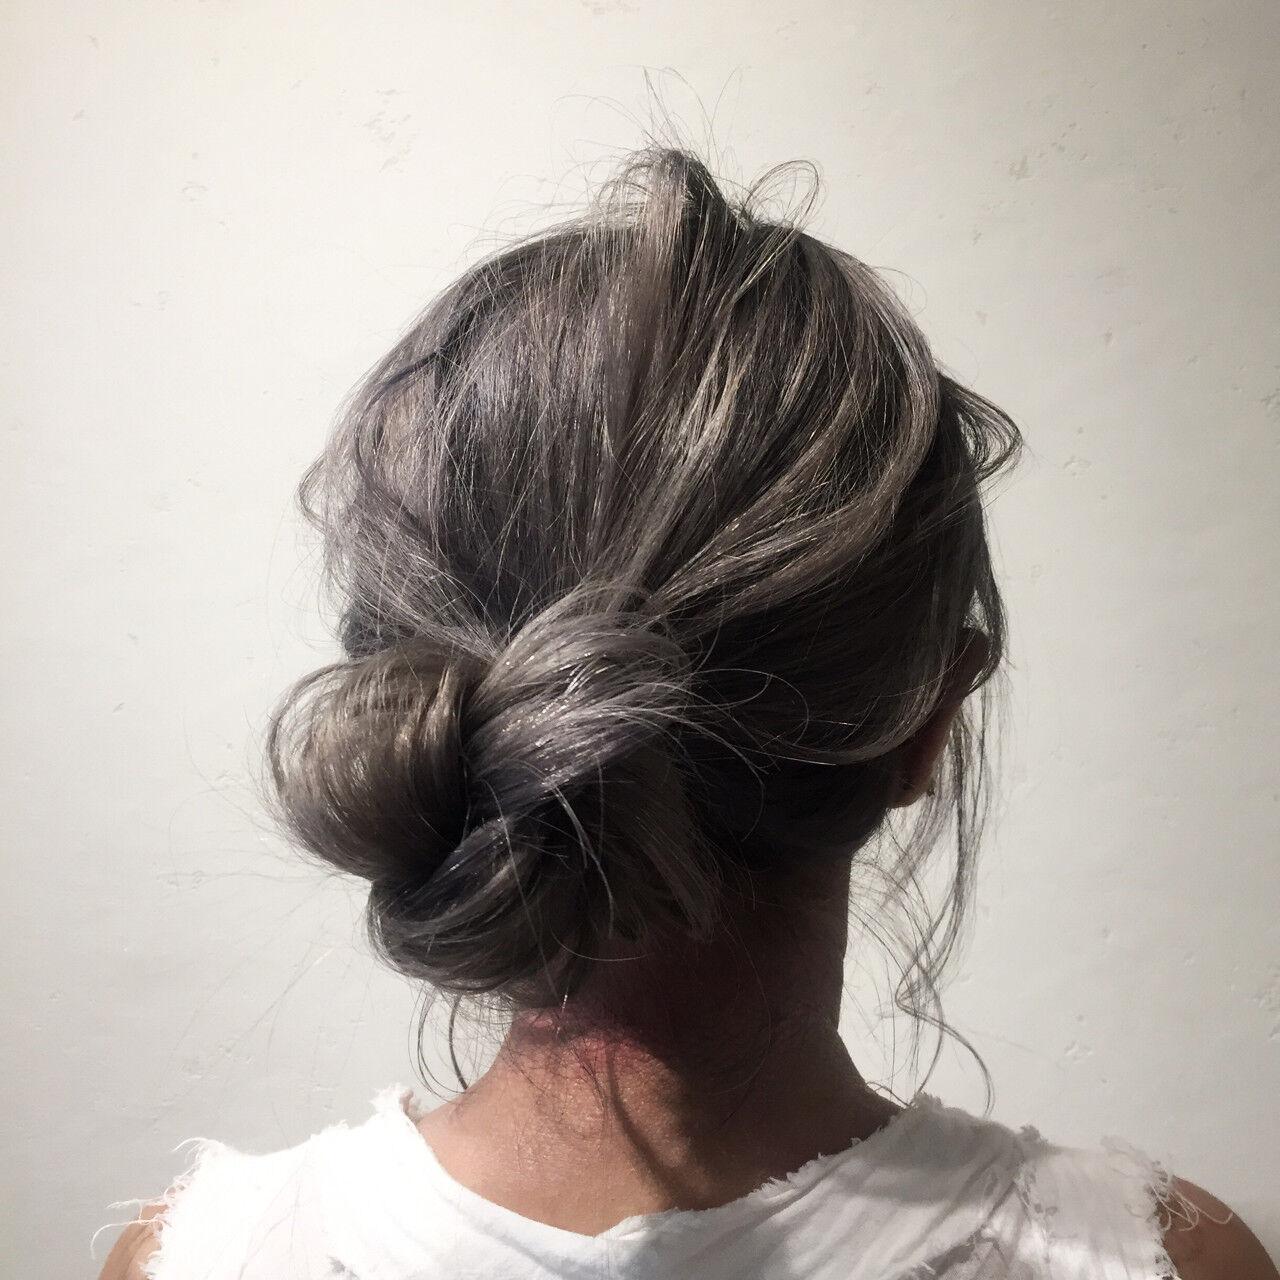 ナチュラル デート グレージュ ロングヘアスタイルや髪型の写真・画像